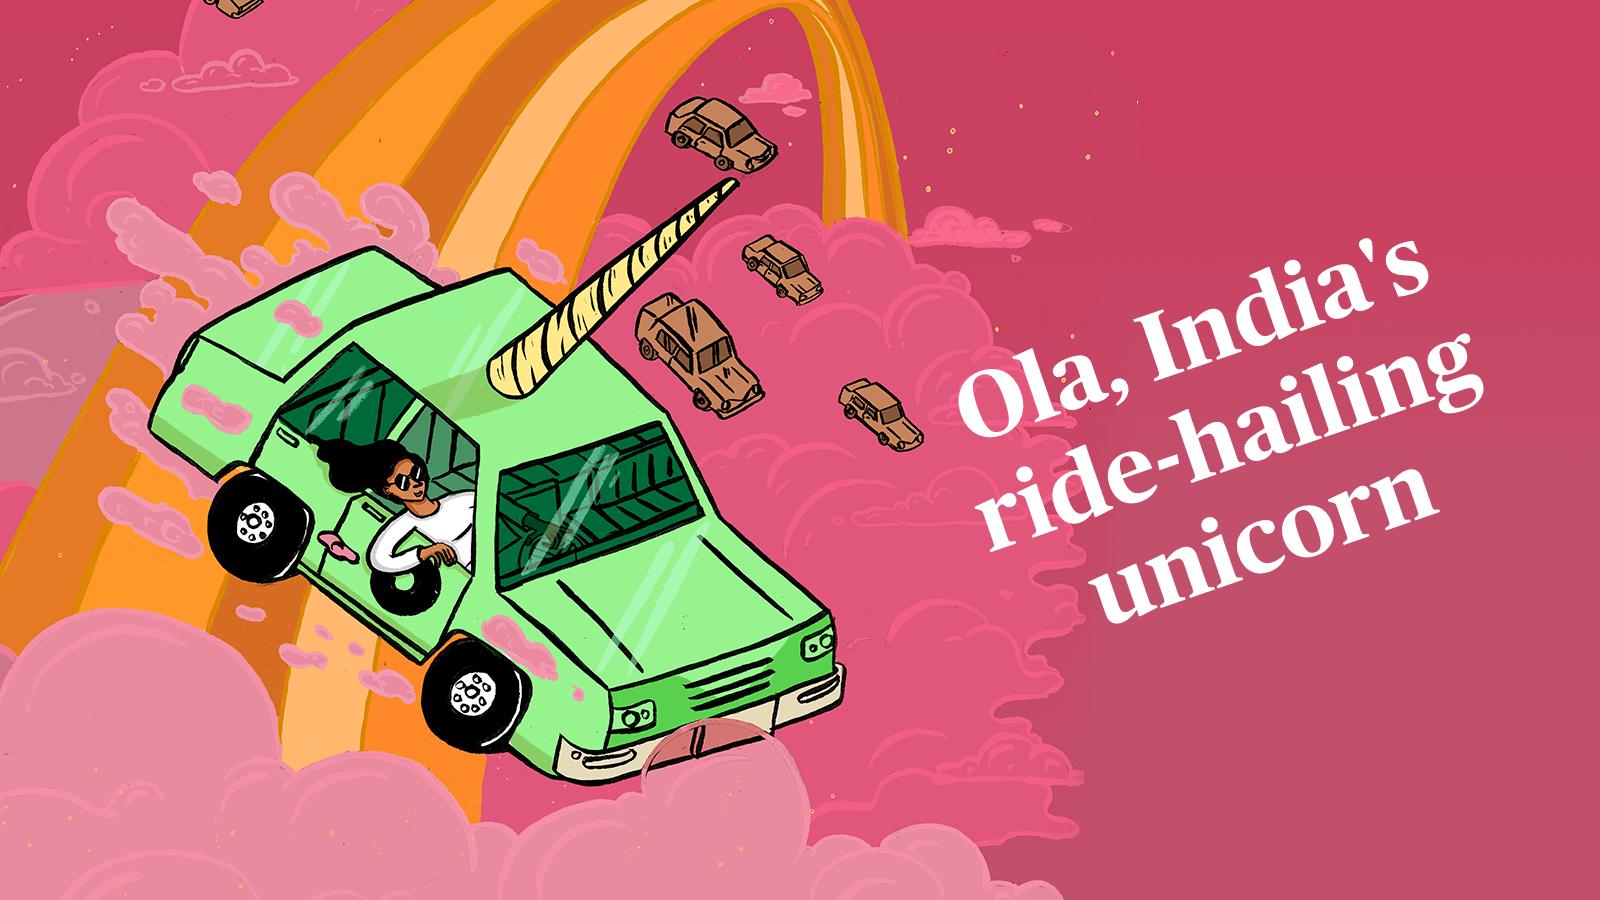 Ola, India's ride-hailing unicorn